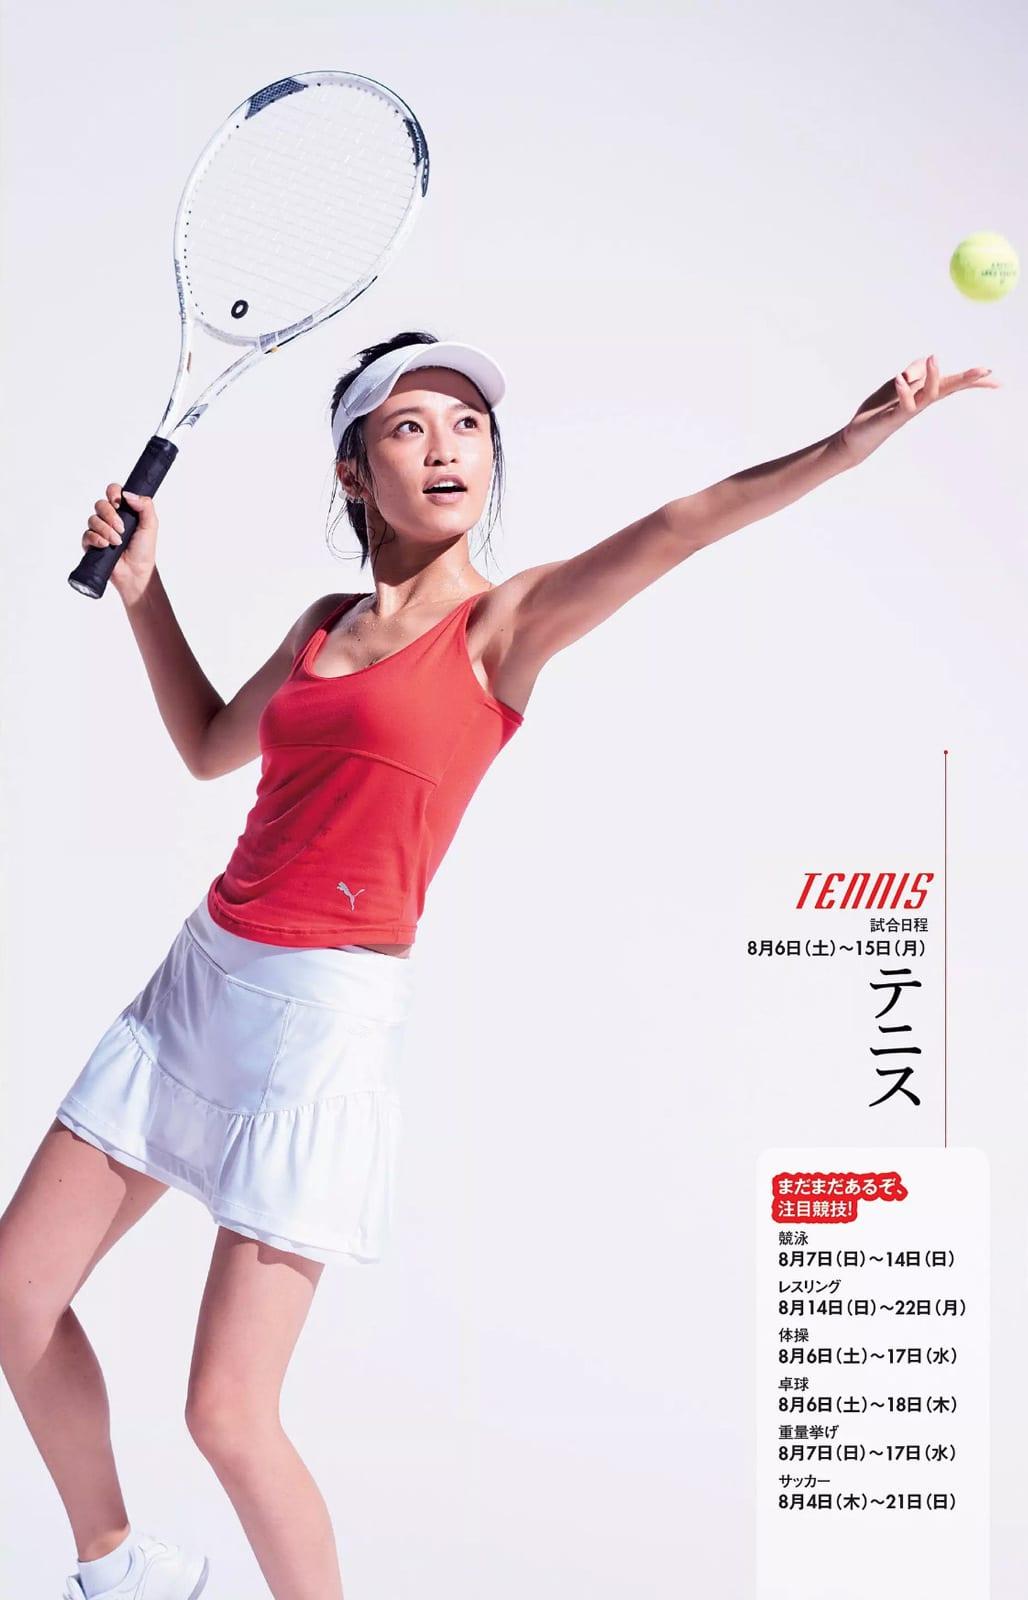 「週刊プレイボーイ 2016 No.33」小島瑠璃子のテニスユニフォームグラビア